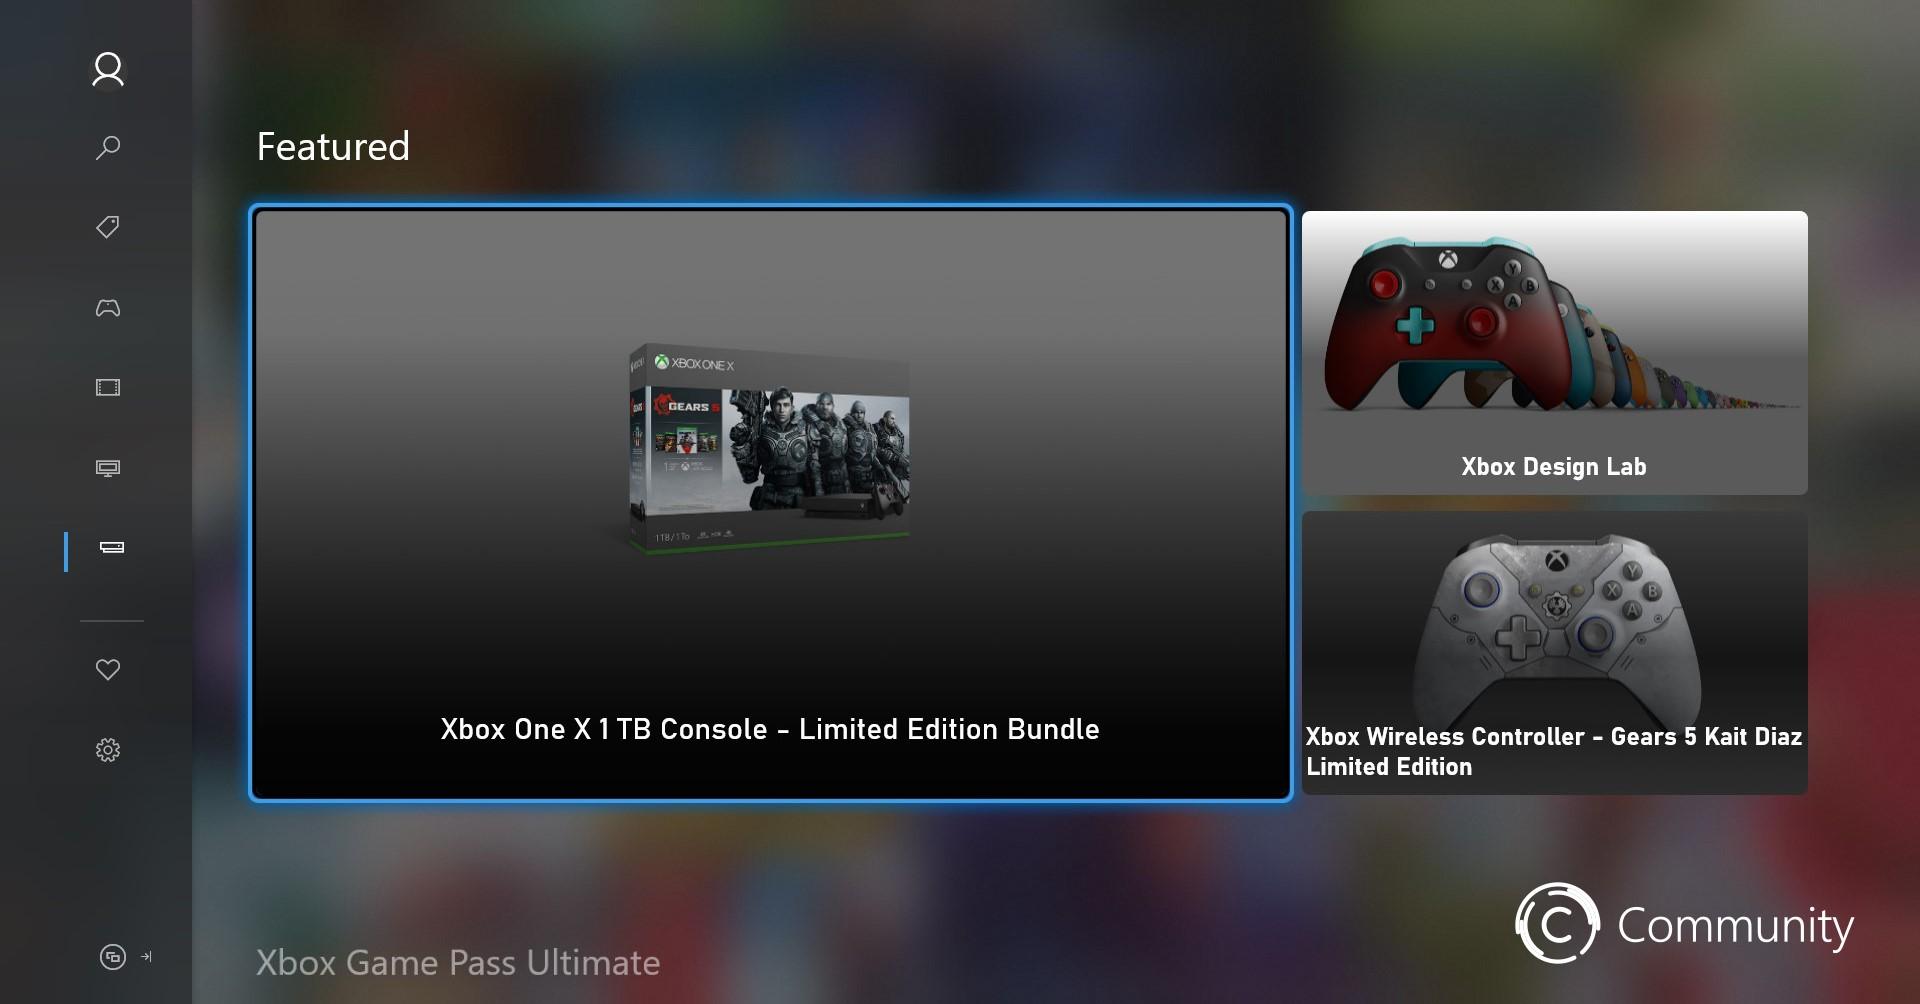 Interfaccia nuovo store Xbox Mercury 6